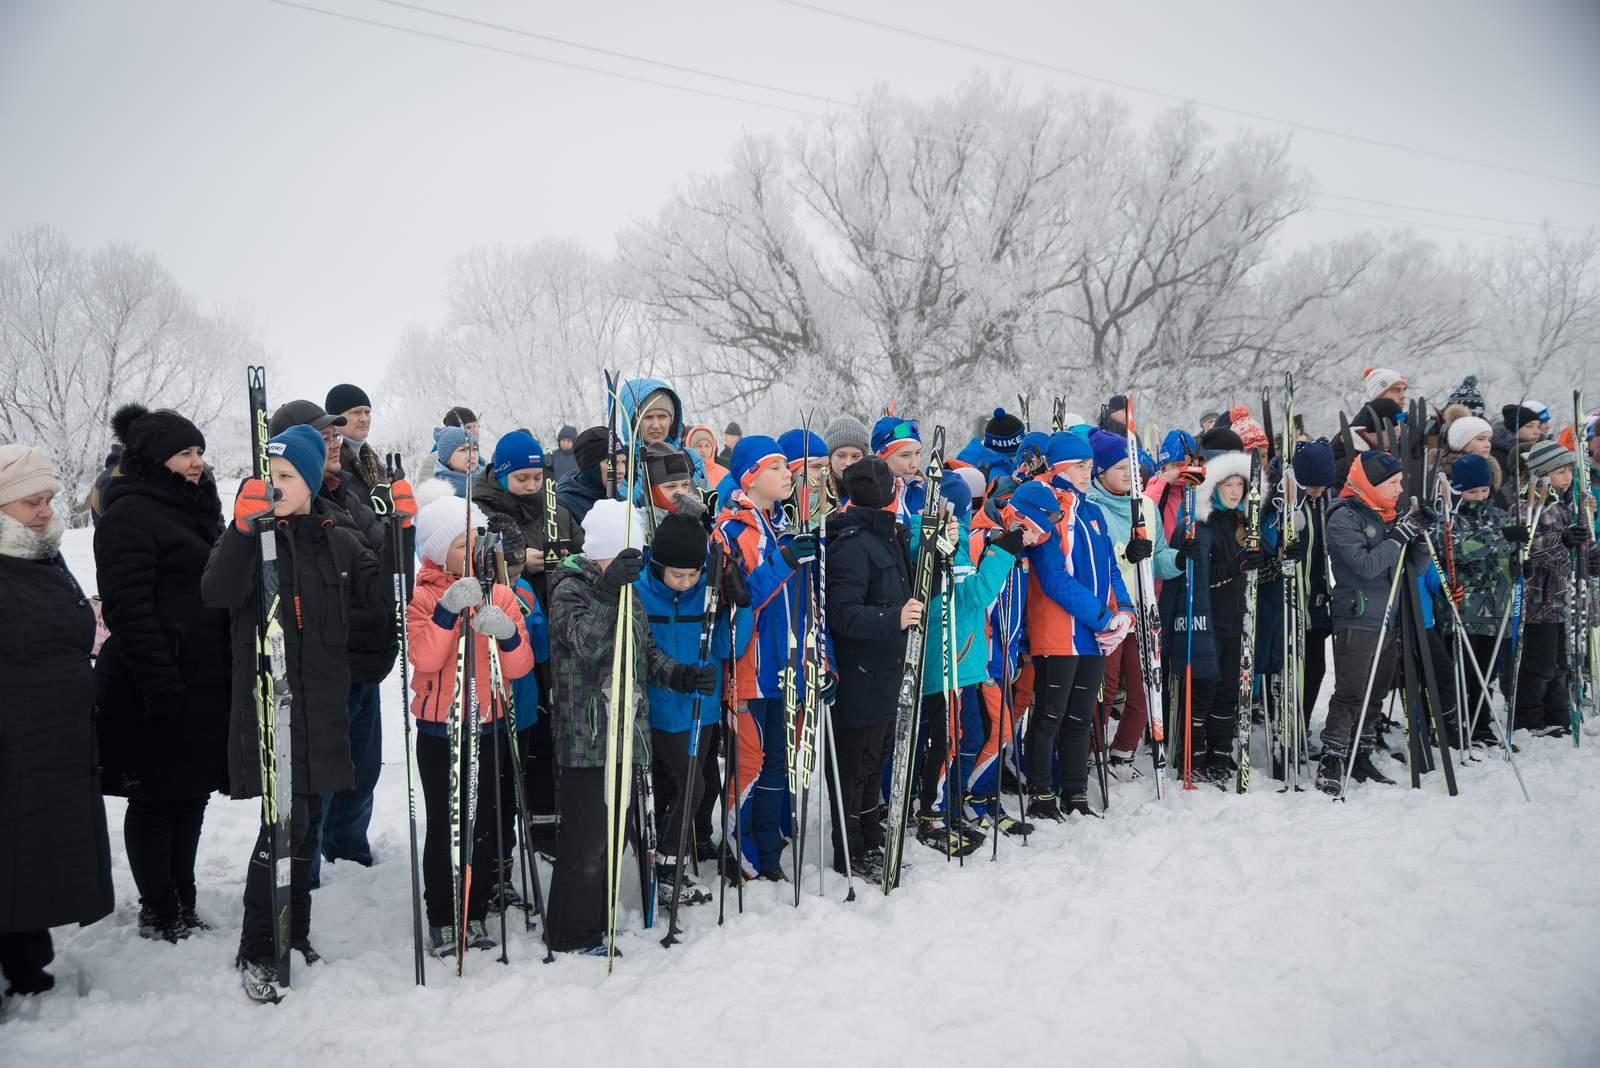 «Рыбаковская лыжня» 16 февраля 2020 года на территории музея-заповедника «Тарханы». Фотограф Александр Семенов